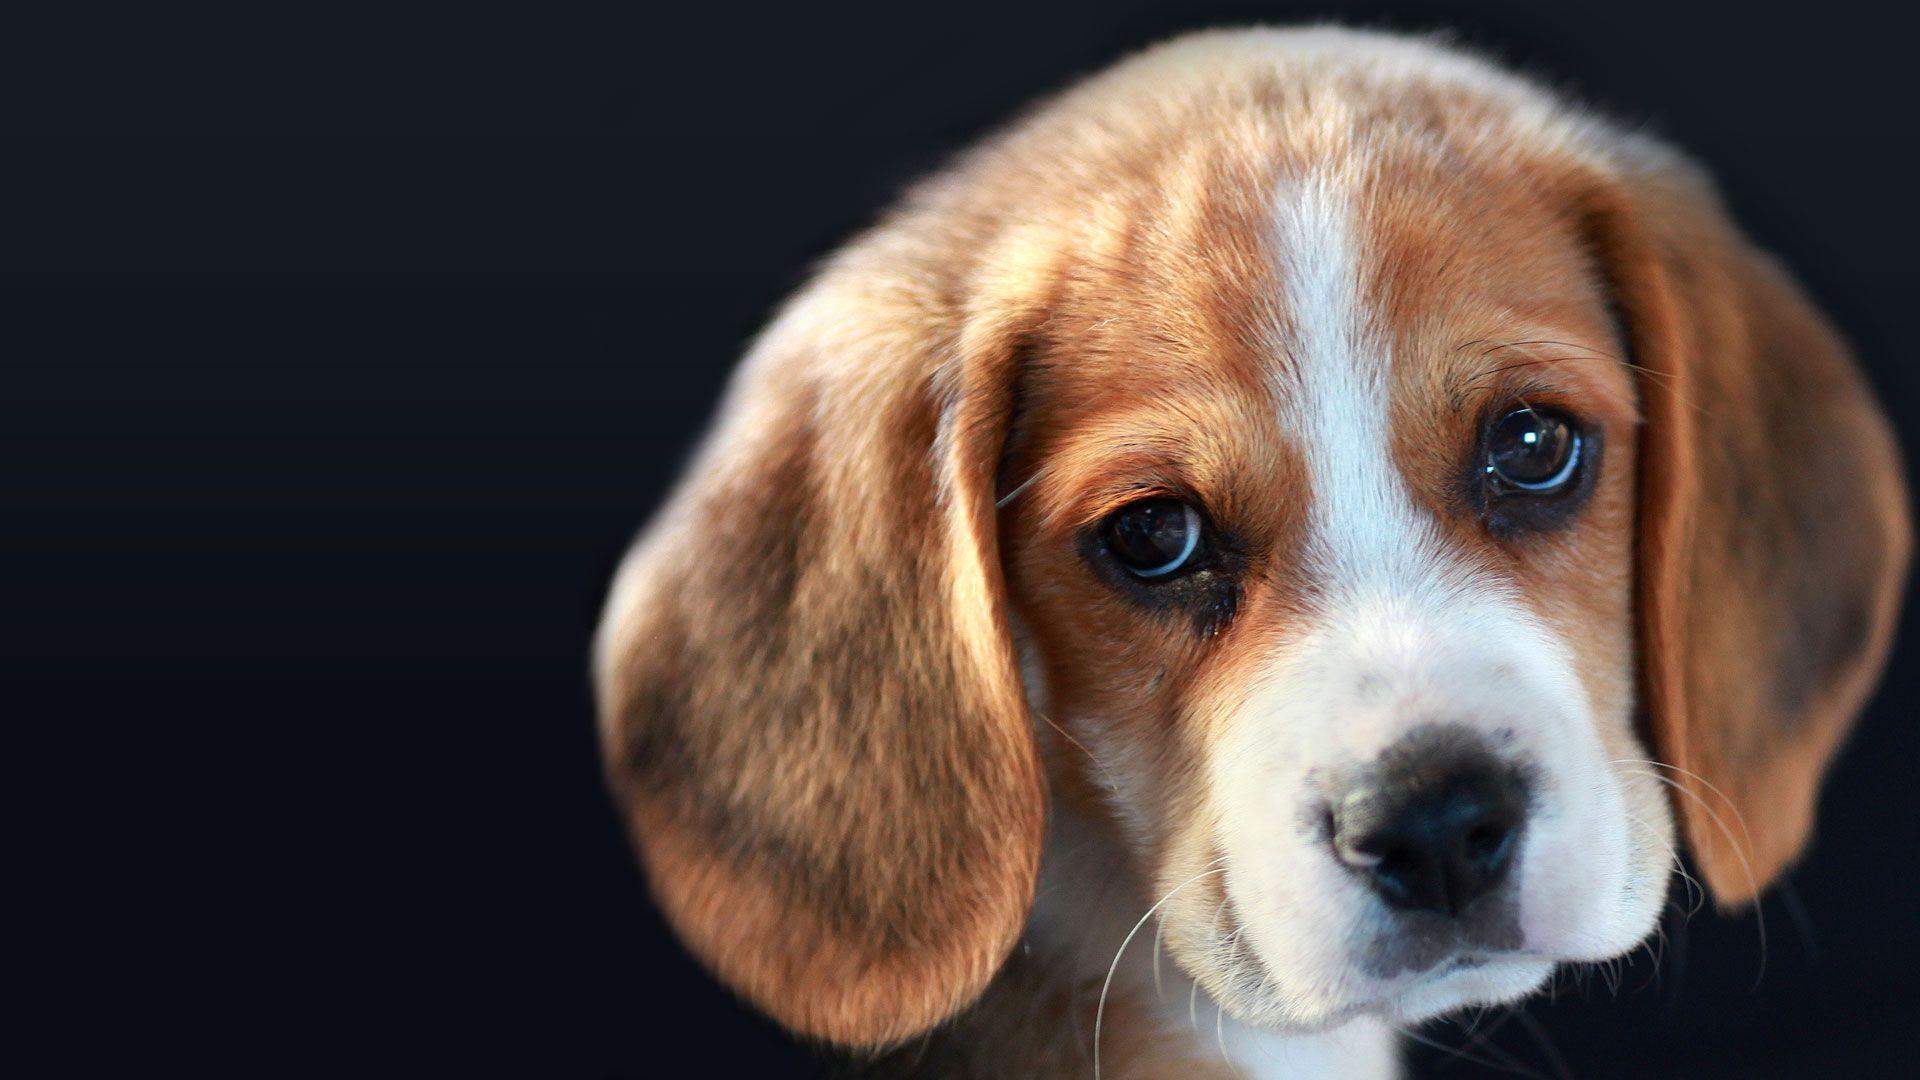 Le beagle, chien de chasse et compagnon fidèle | Beagles ...